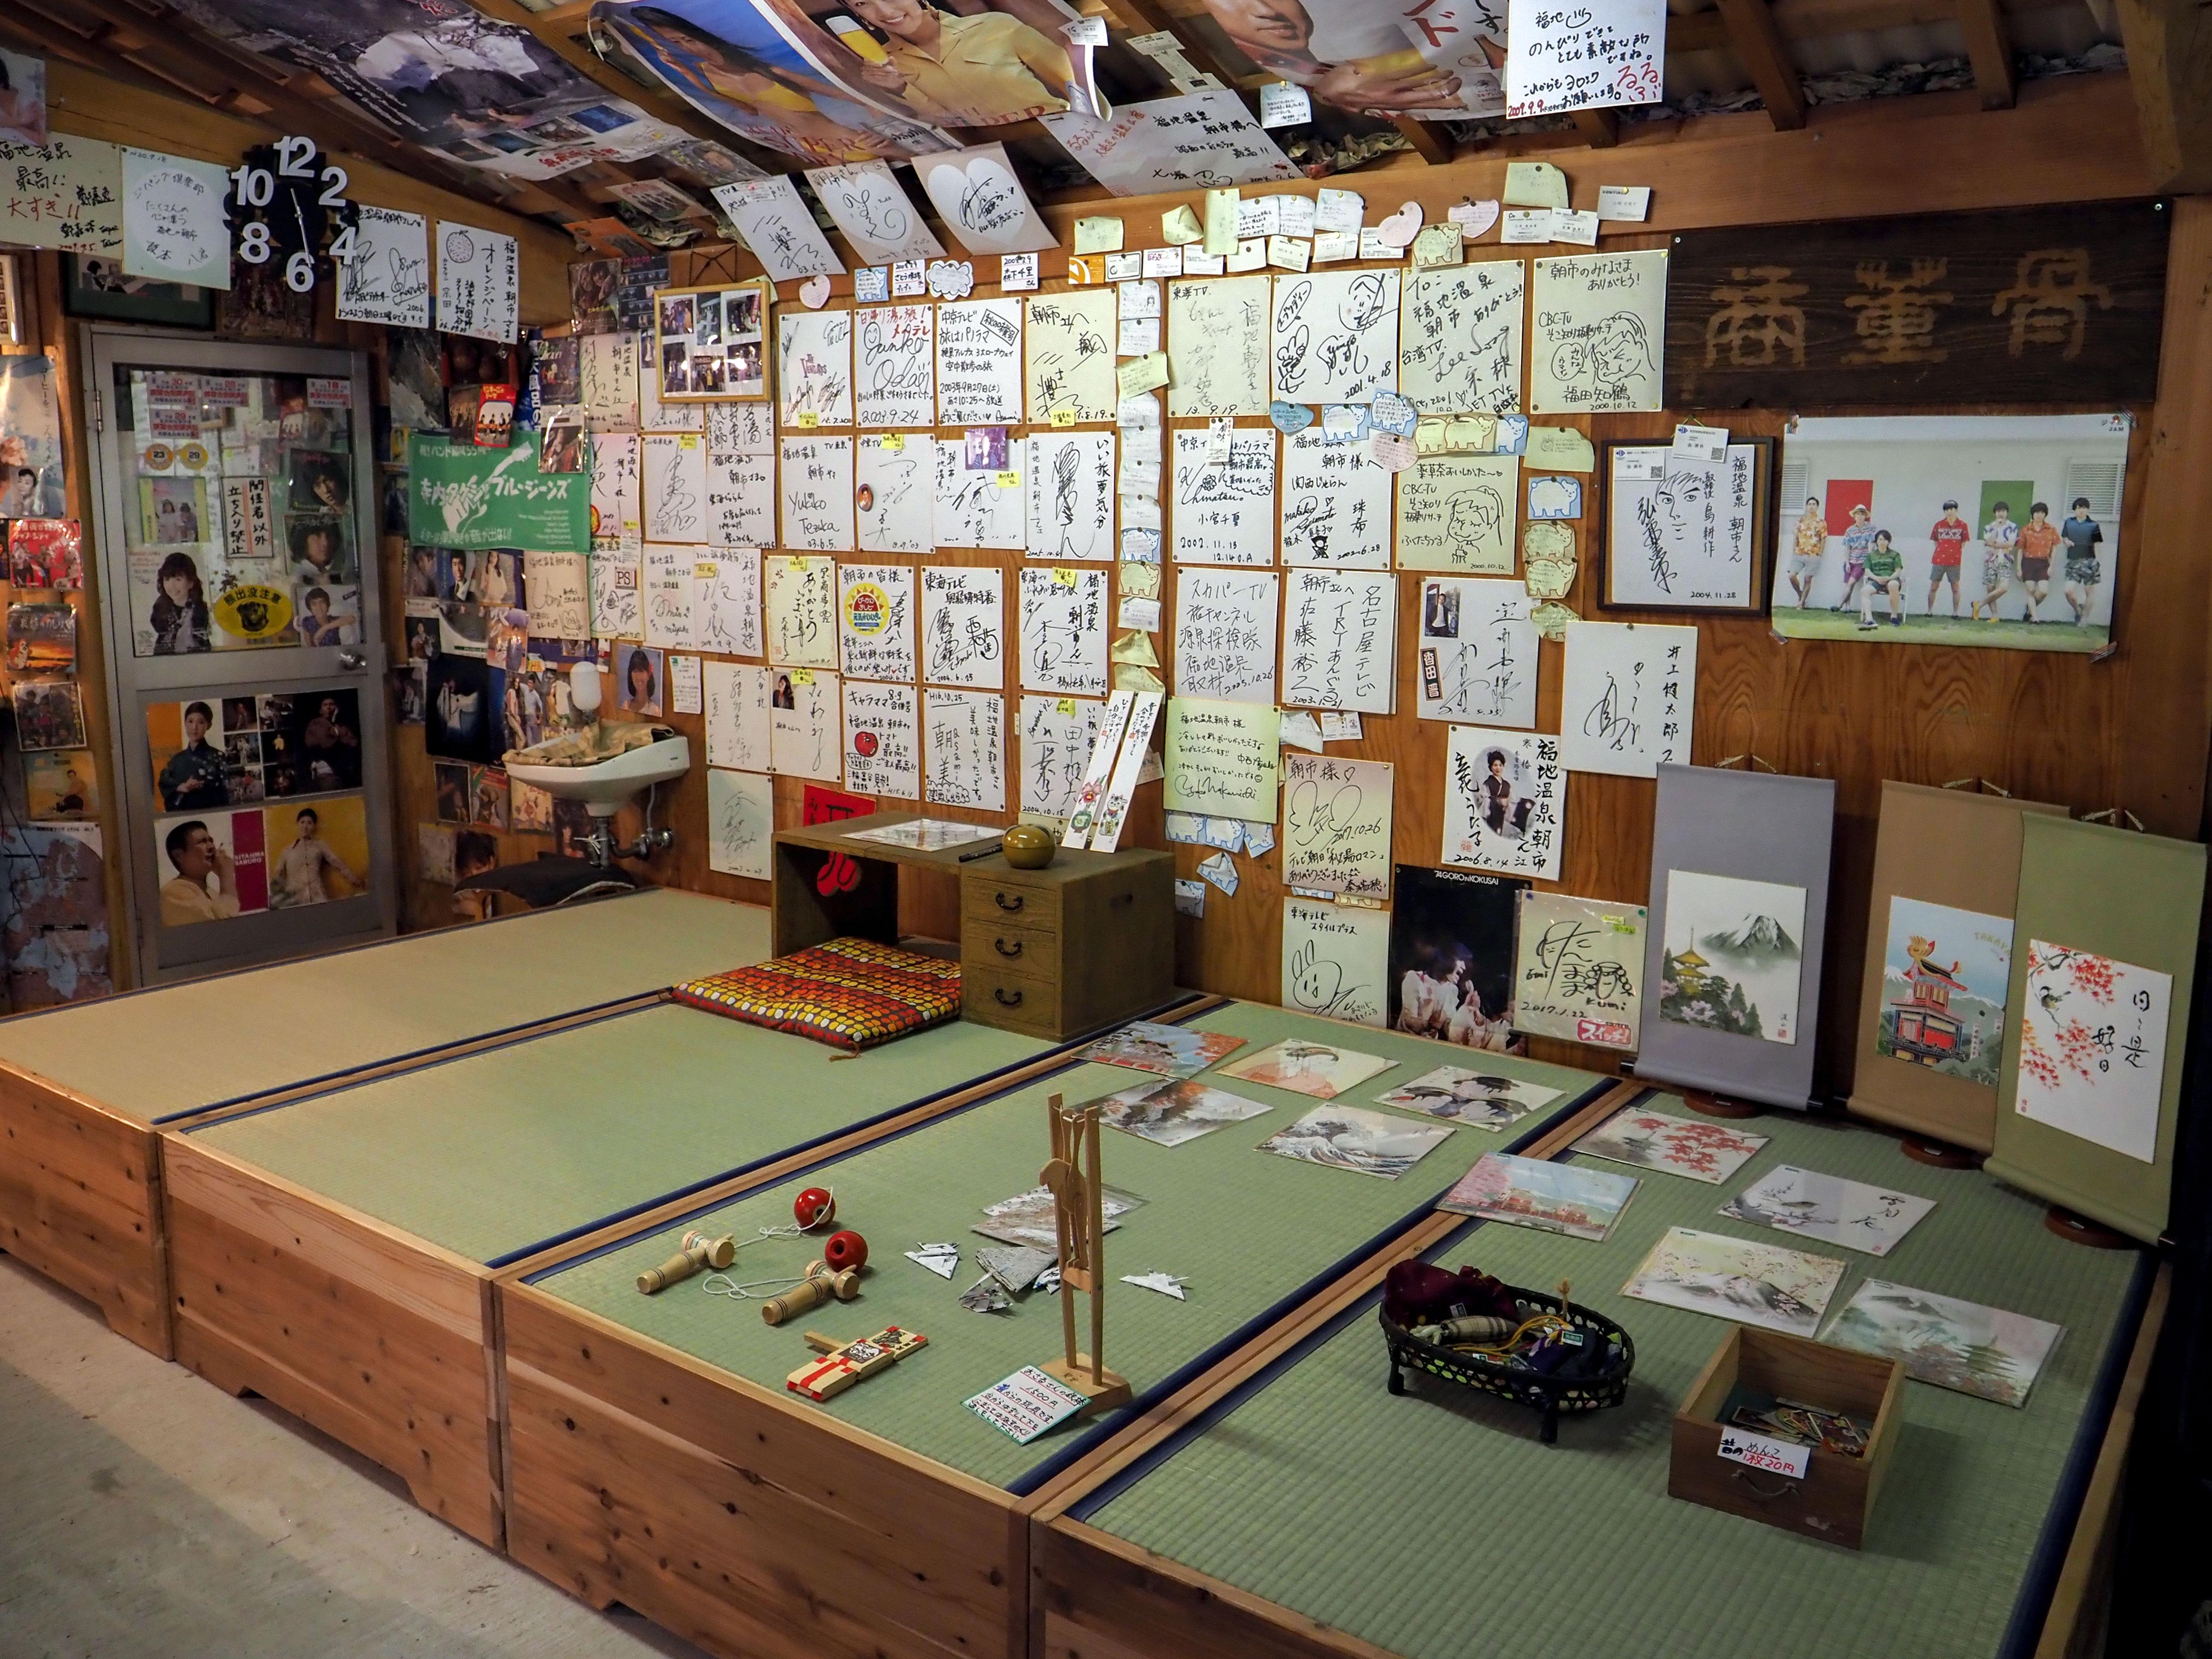 福地温泉朝市 玩具体験コーナー